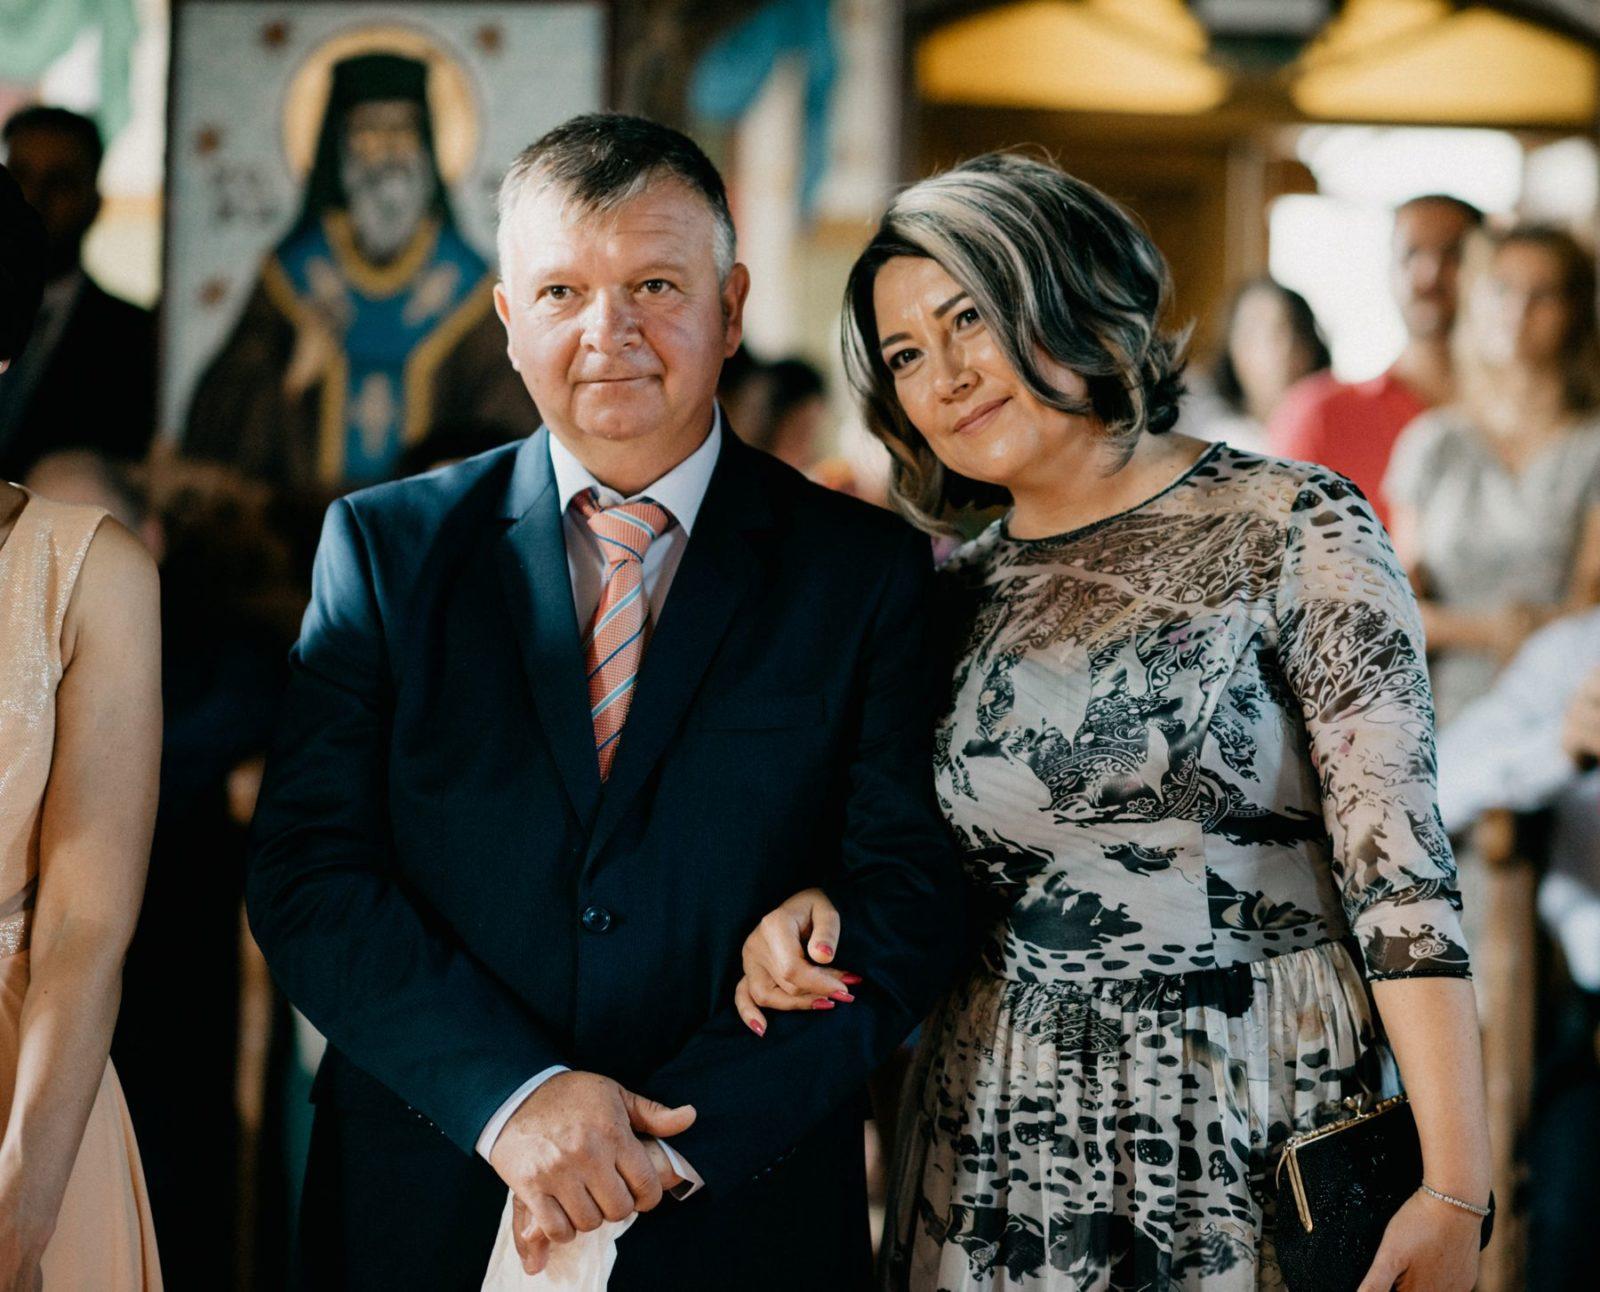 Ioana + Razvan